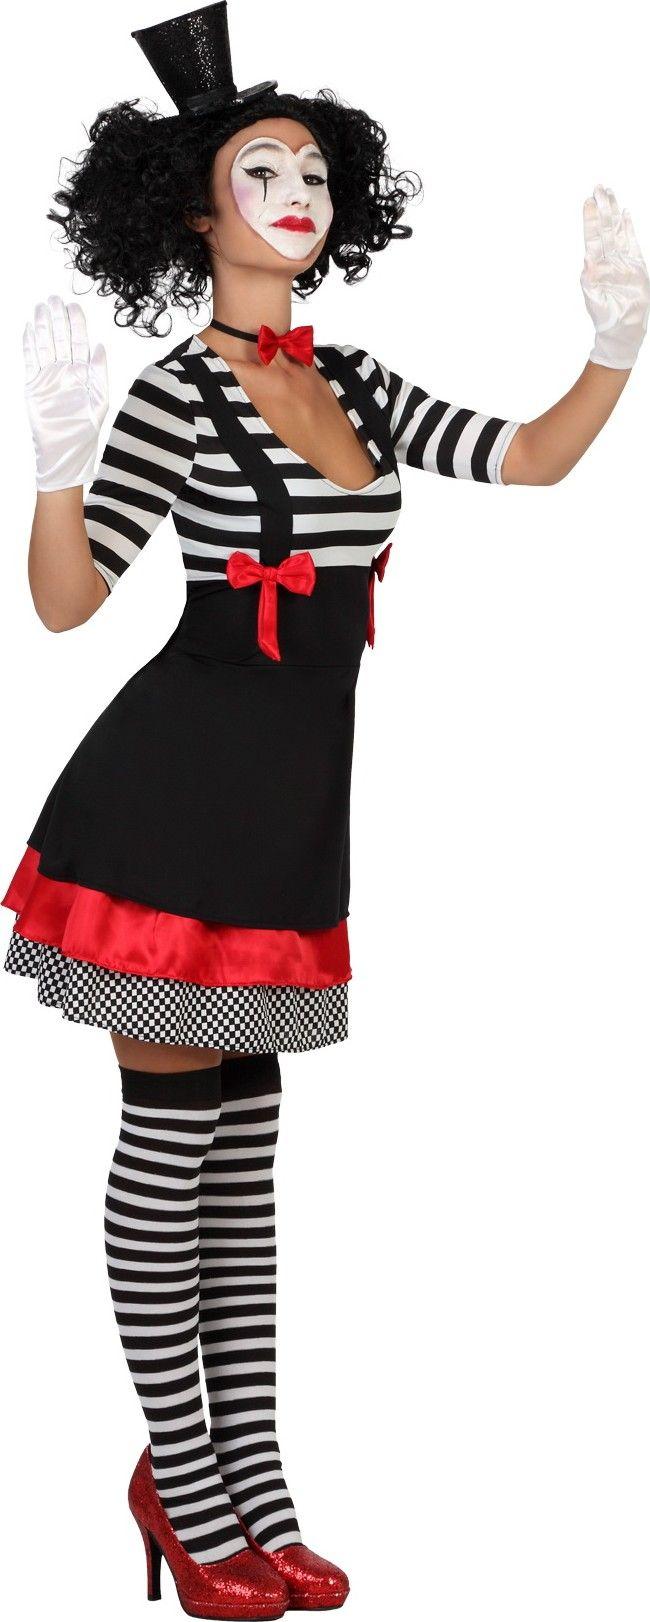 Ce costume de mime sera parfait pour dévoiler vos talents de mime à l'occasion d'une soirée sur le thème du cirque ou pour le Carnaval.